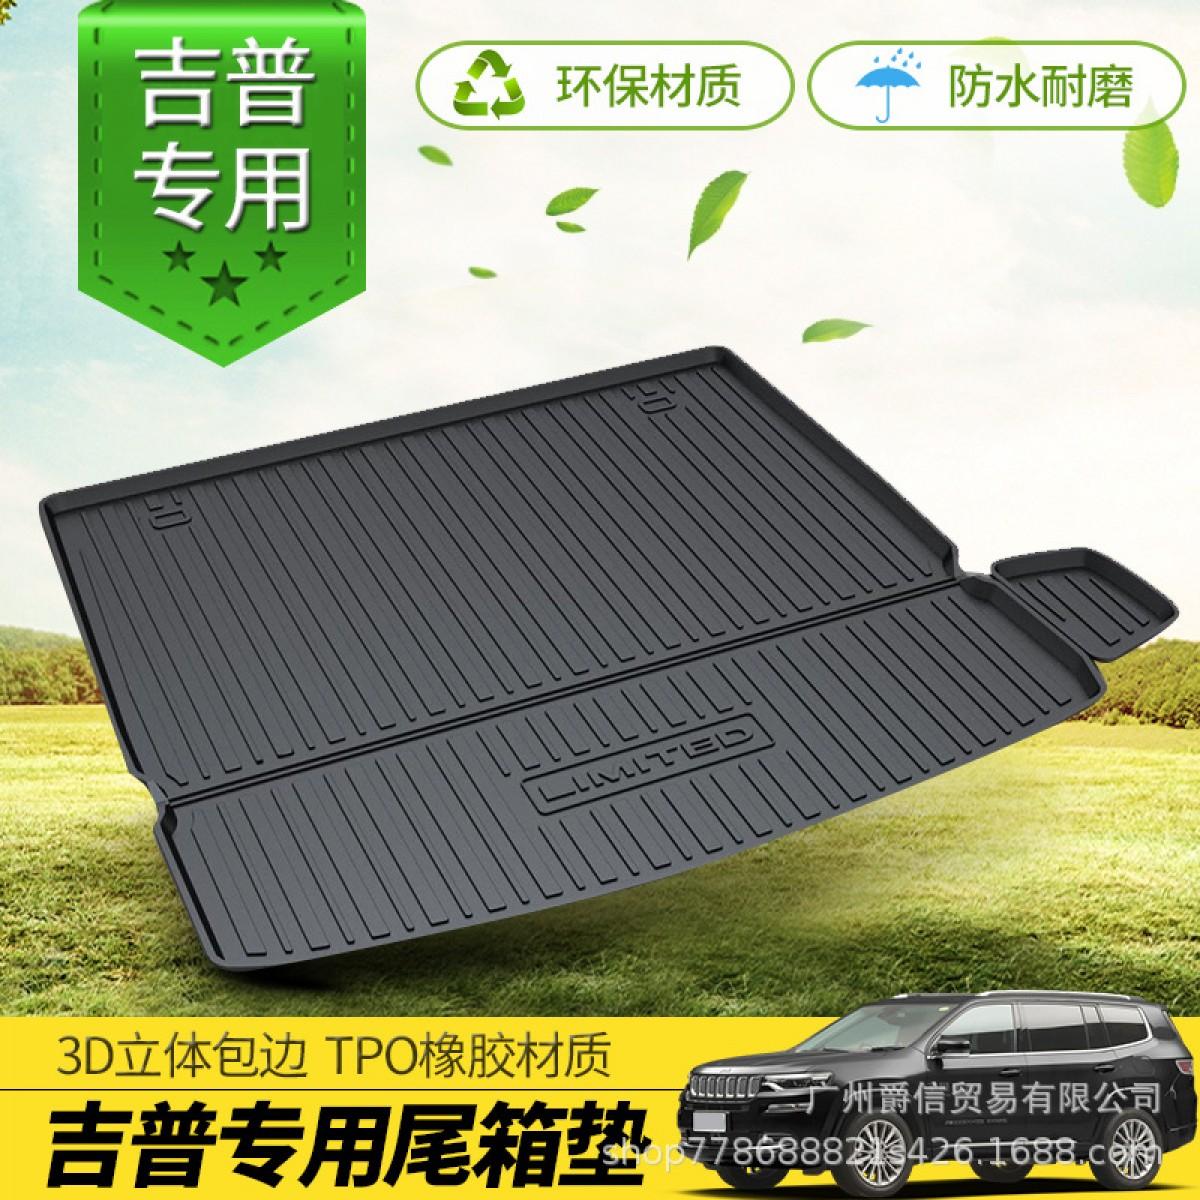 2018款吉普大指挥官五座汽车后备箱垫TPO橡胶防水耐磨尾箱垫